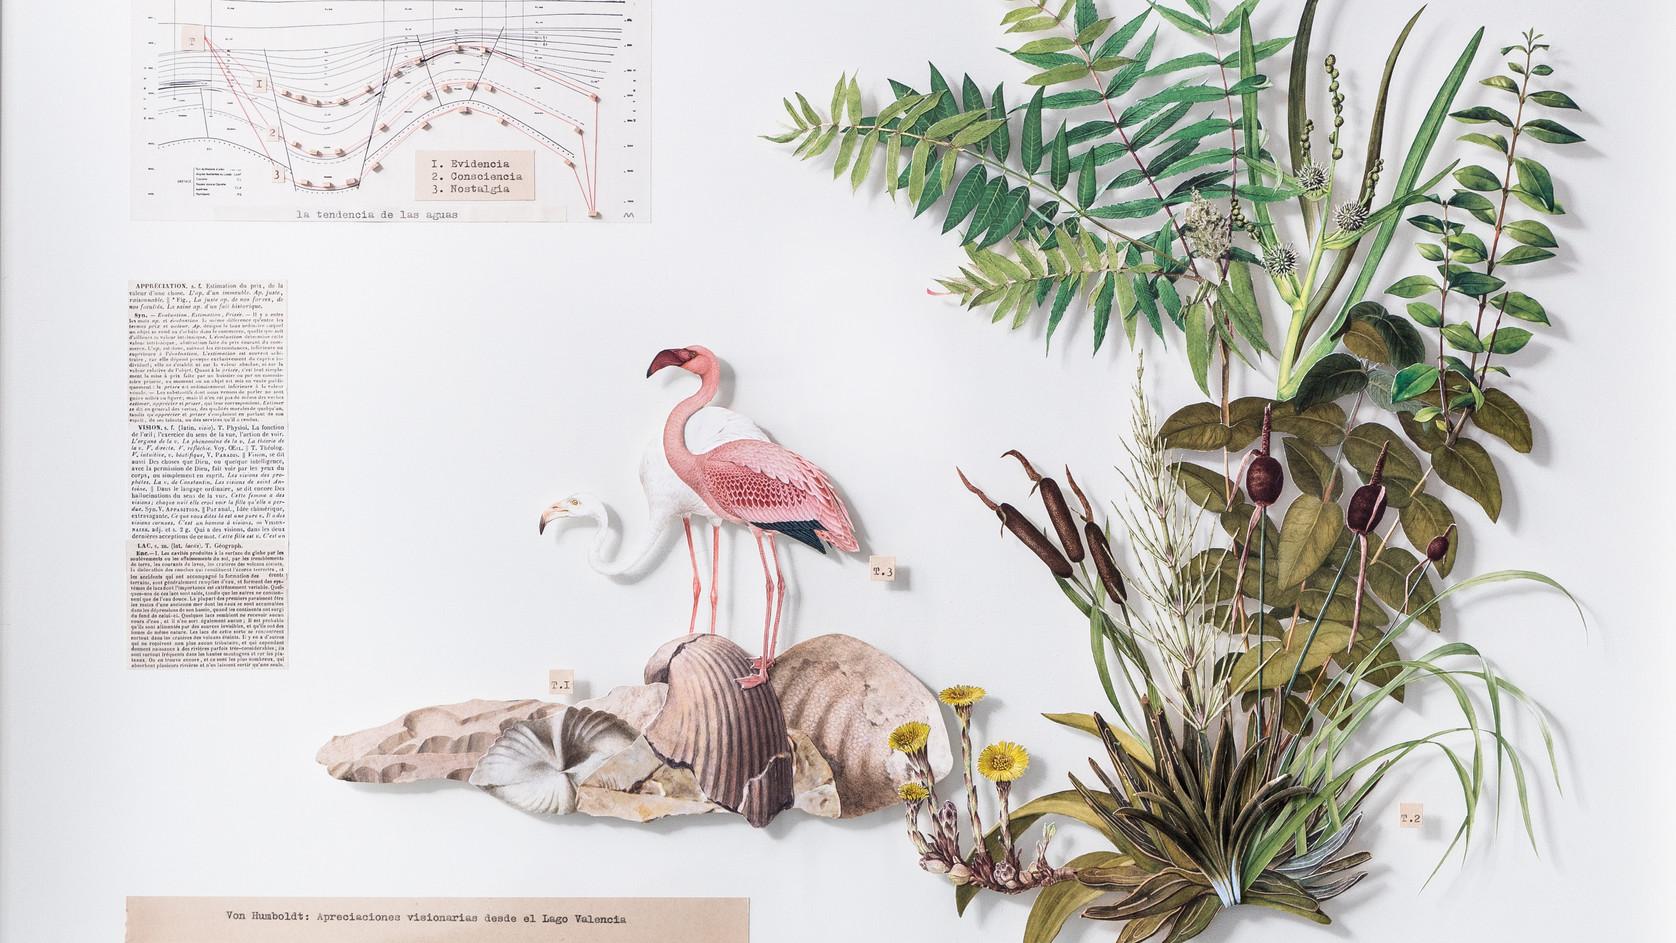 Von Humboldt: Apreciaciones visionarias desde el Lago Valencia